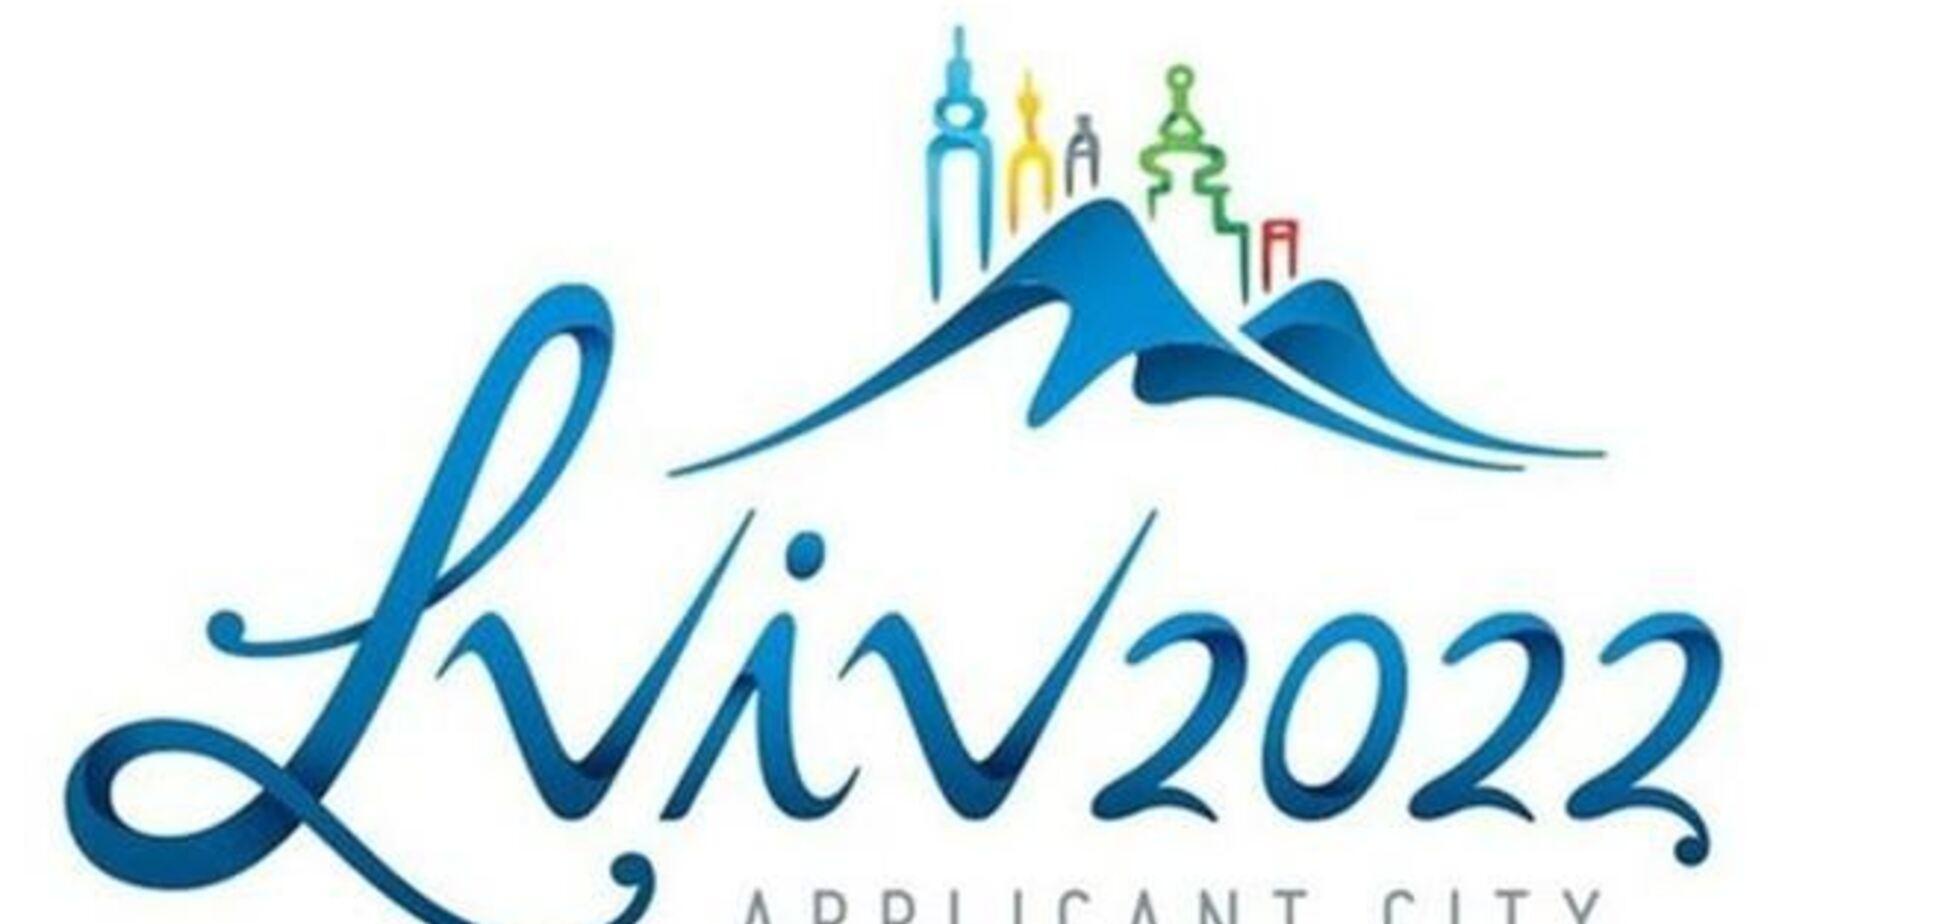 Львов не будет снимать заявку на Олимпиаду-2022